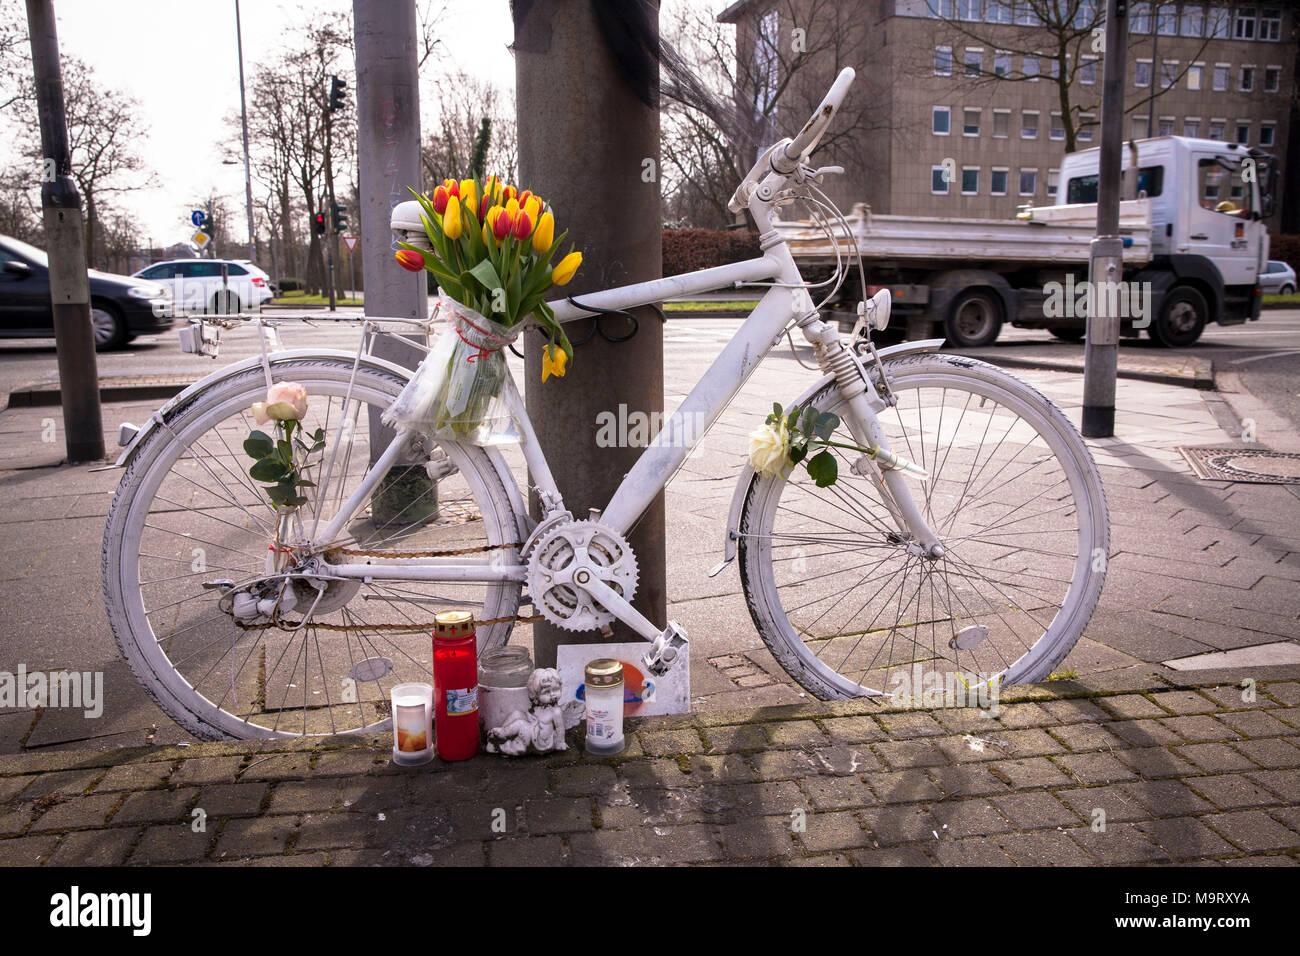 Europa, Deutschland, Köln, ghost Bike, weiß geschmückt Fahrrad erinnert an ein Radfahrer, der einen schweren oder tödlichen Unfall an dieser Stelle hatte, Straße Innere Stockbild